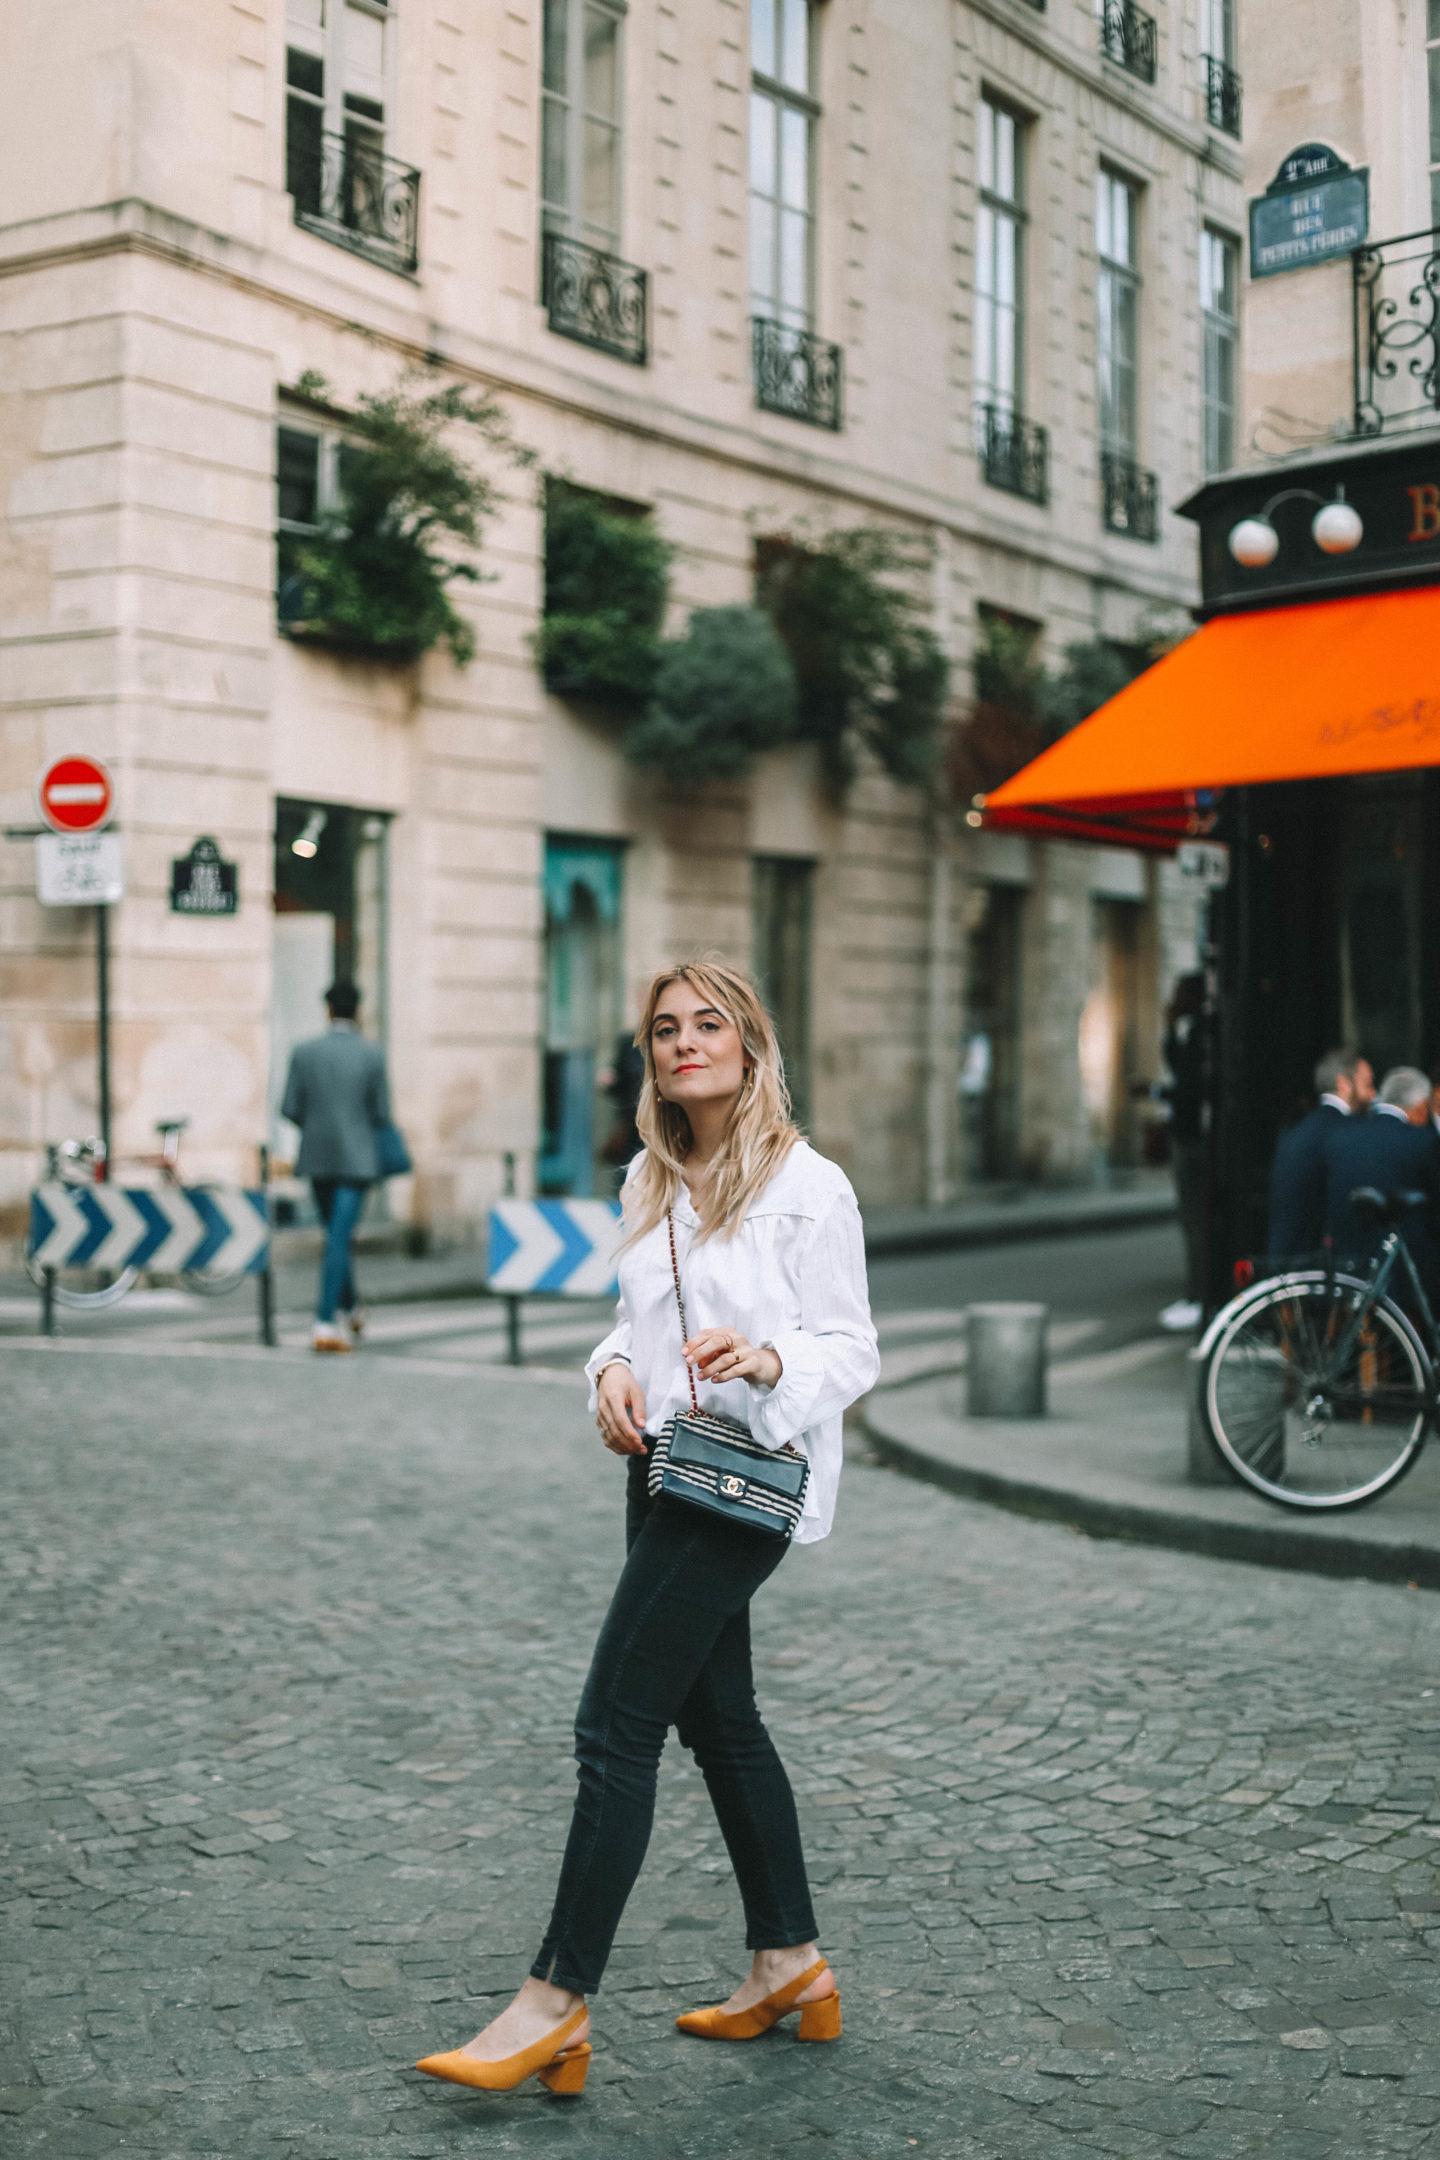 Reiko Jeans - Blondie Baby blog mode Paris et voyages